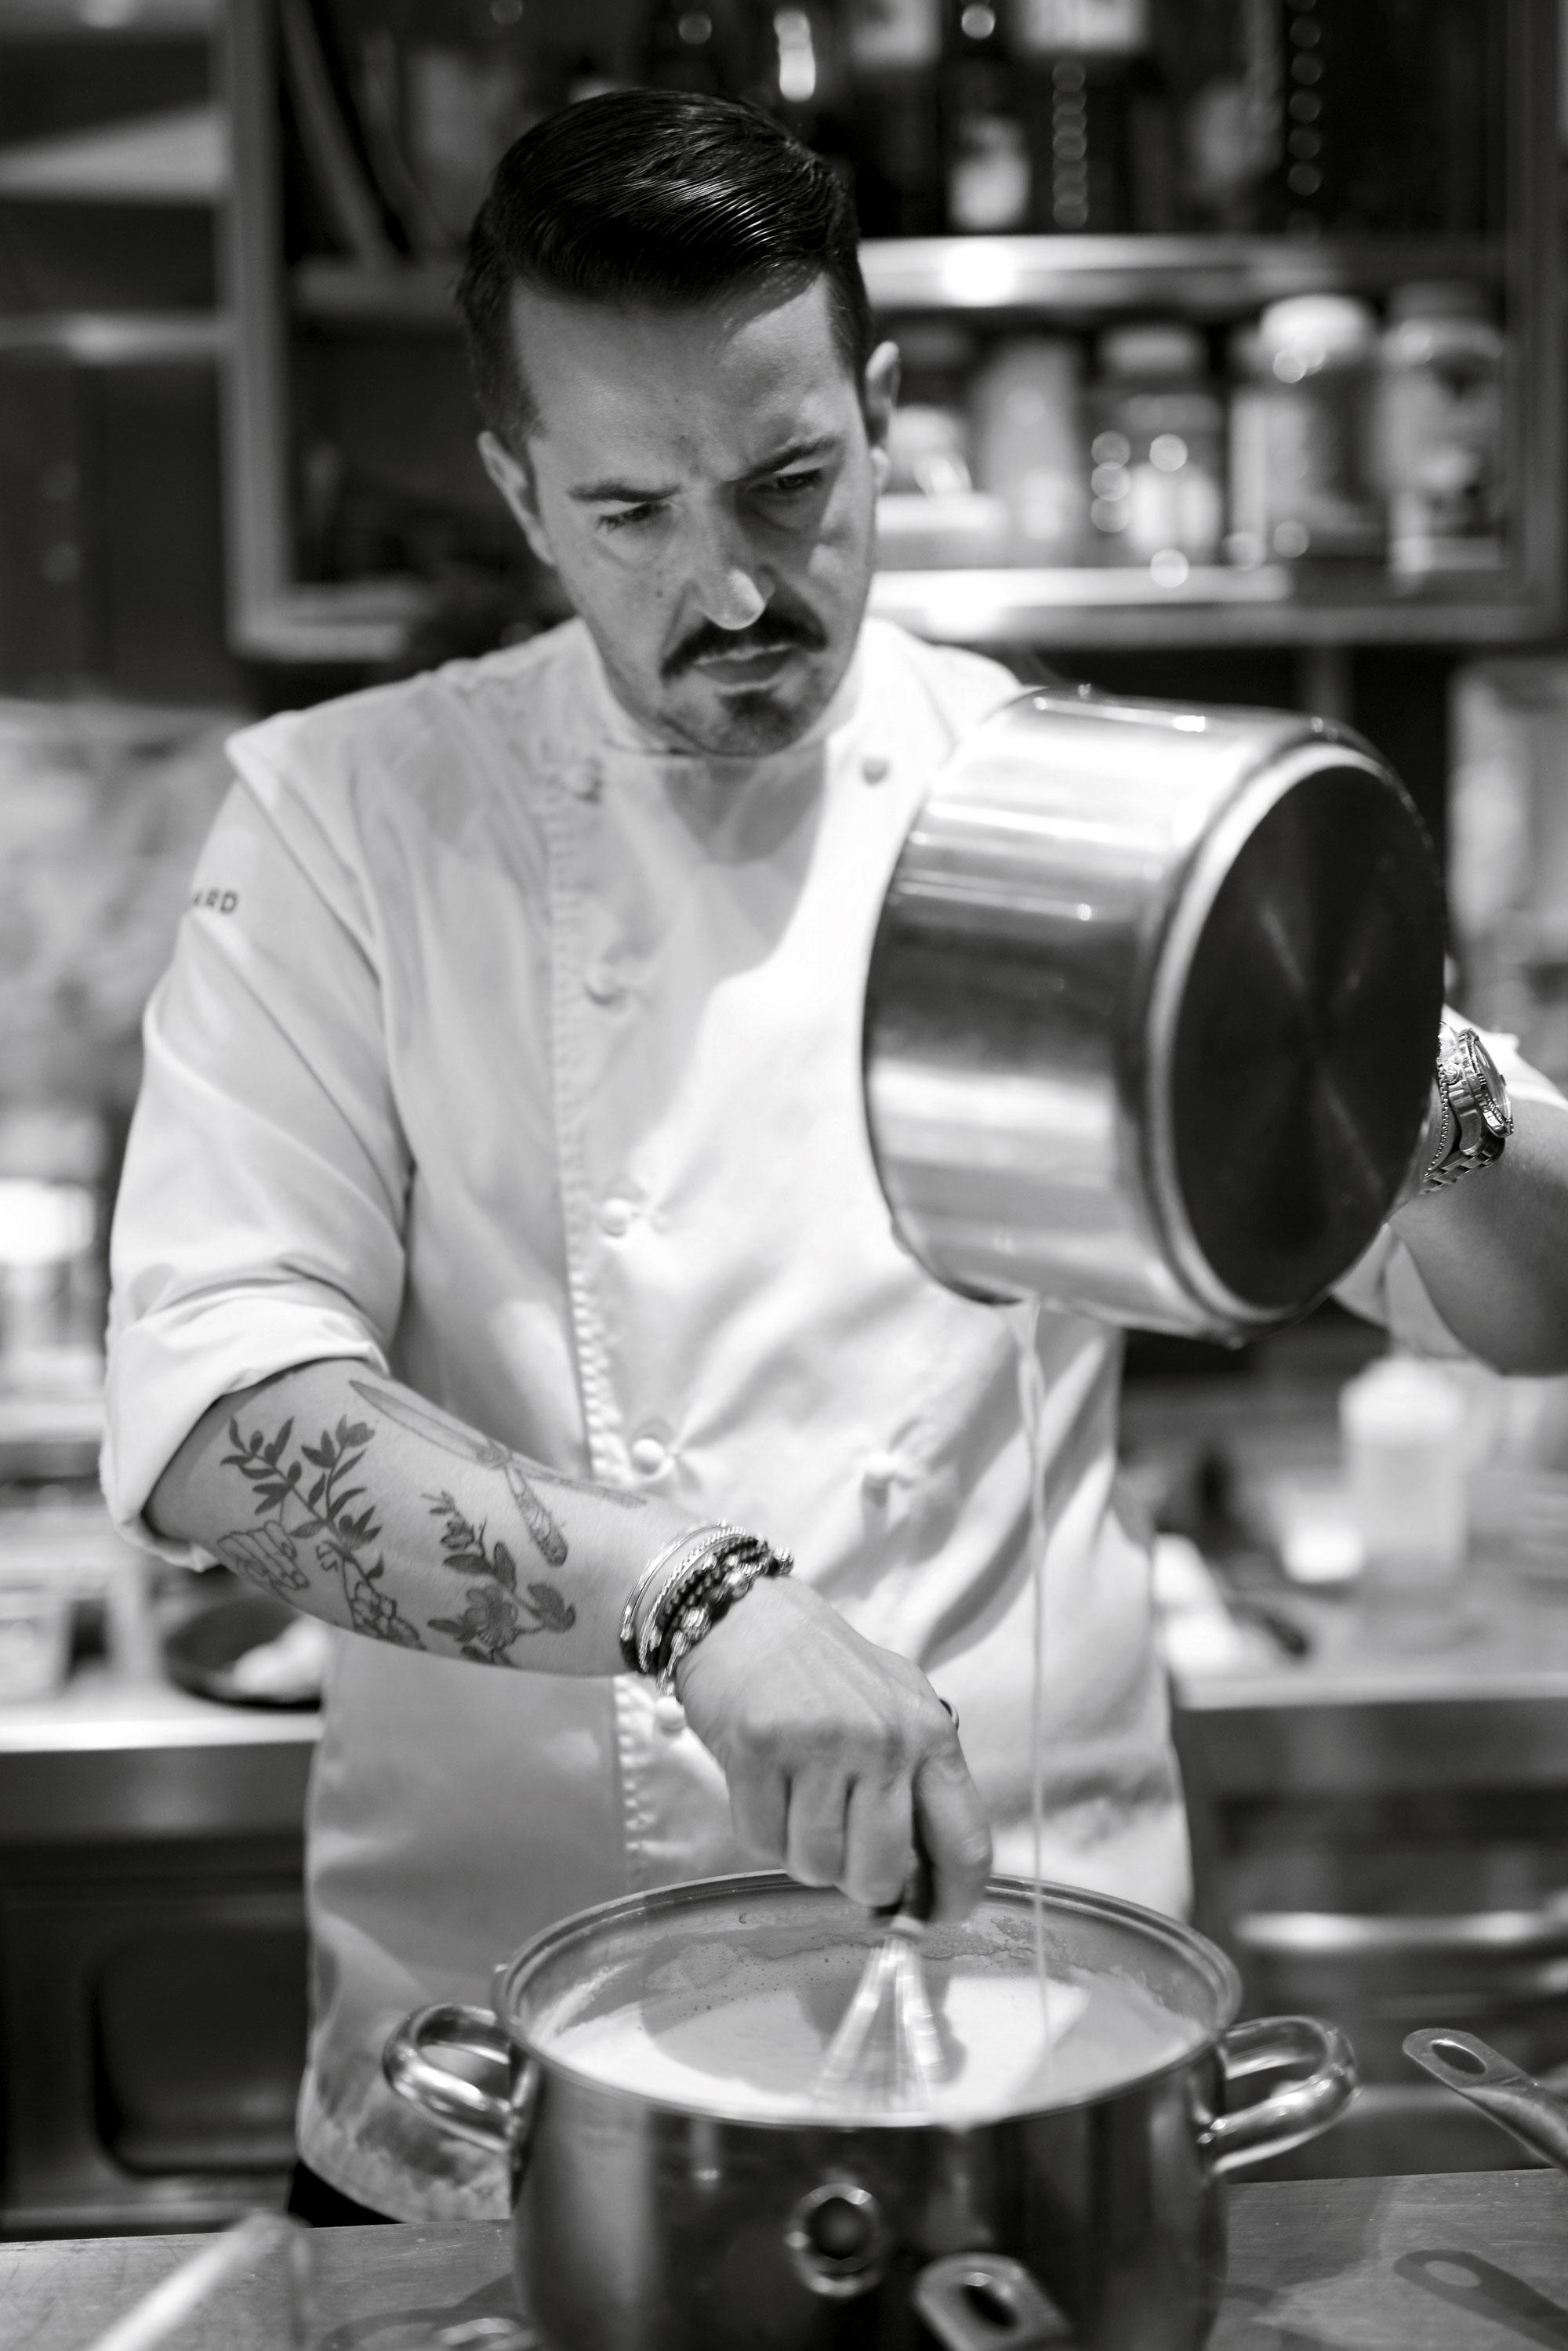 Le chef Olivier Da Silva en train de verser un mélange dans une casserole, la photo est en noir et blanc